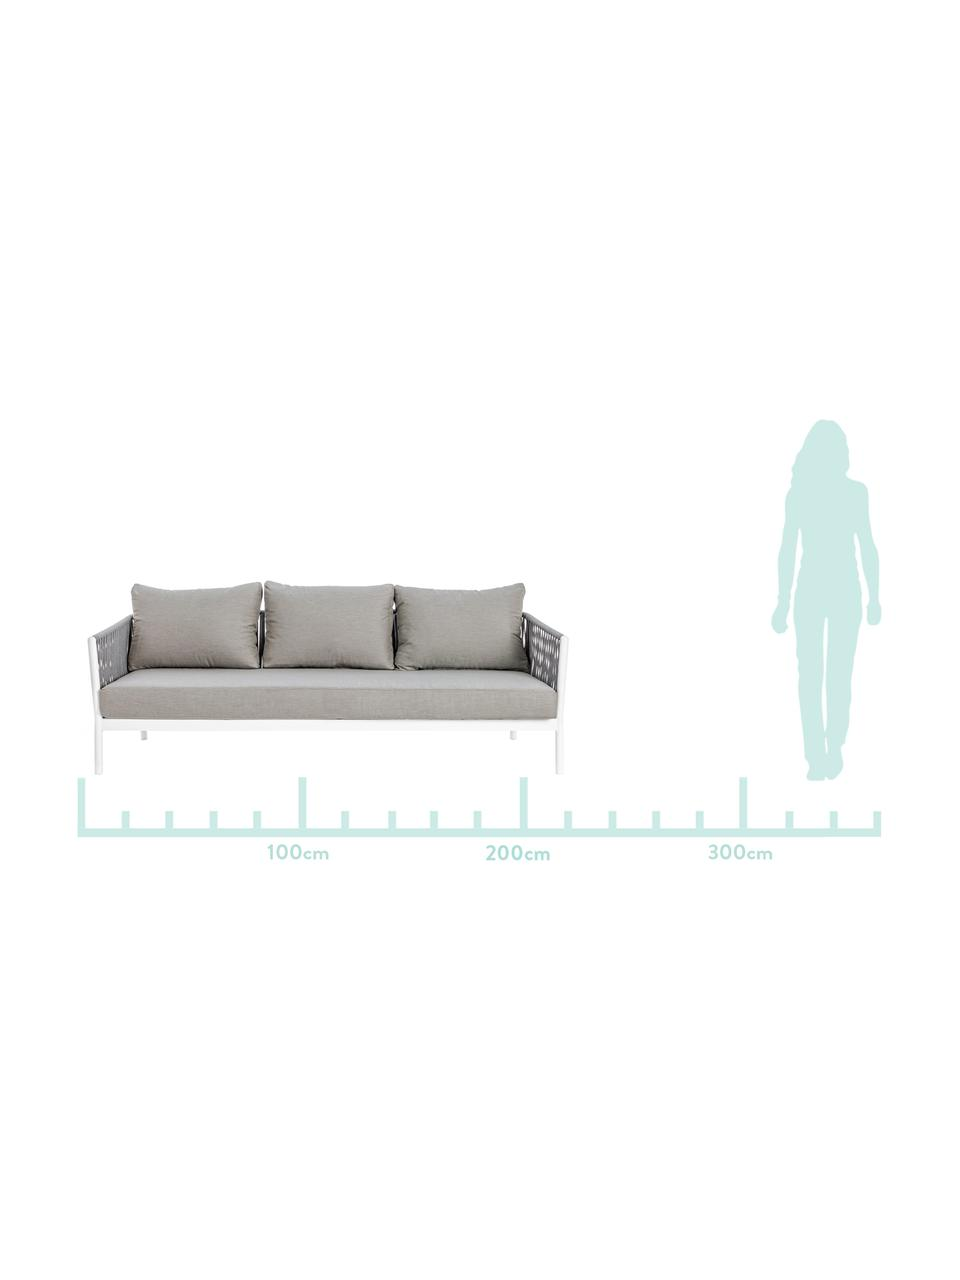 Garten-Loungesofa Florencia (3-Sitzer), Gestell: Aluminium, pulverbeschich, Sitzfläche: Polyester, Grau, Weiß, B 220 x T 85 cm